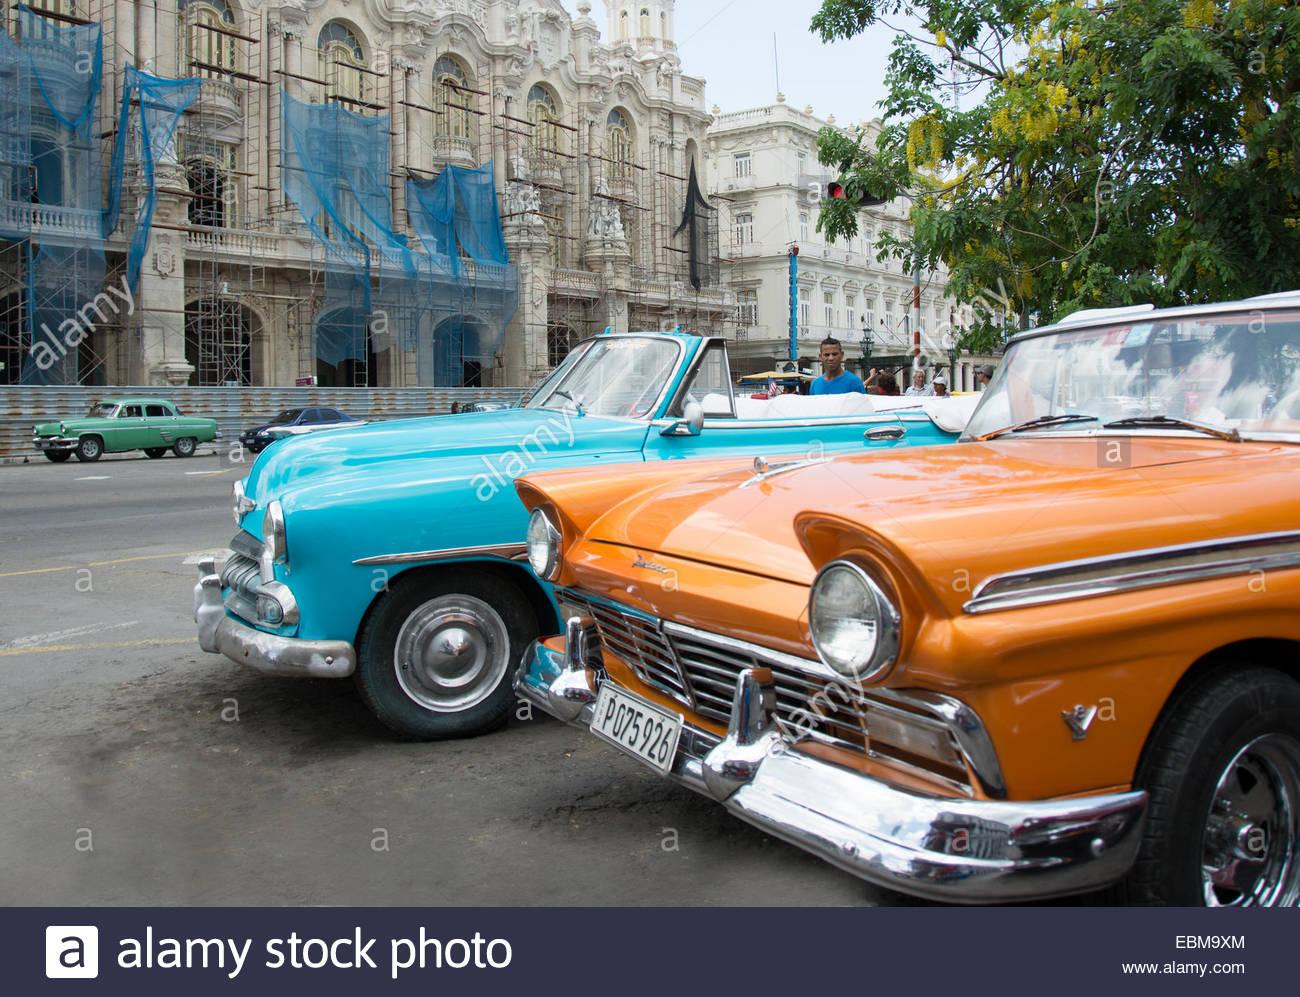 belles vieilles voitures am ricaines fonctionnant en routes cubaines cuba a souffert de la. Black Bedroom Furniture Sets. Home Design Ideas